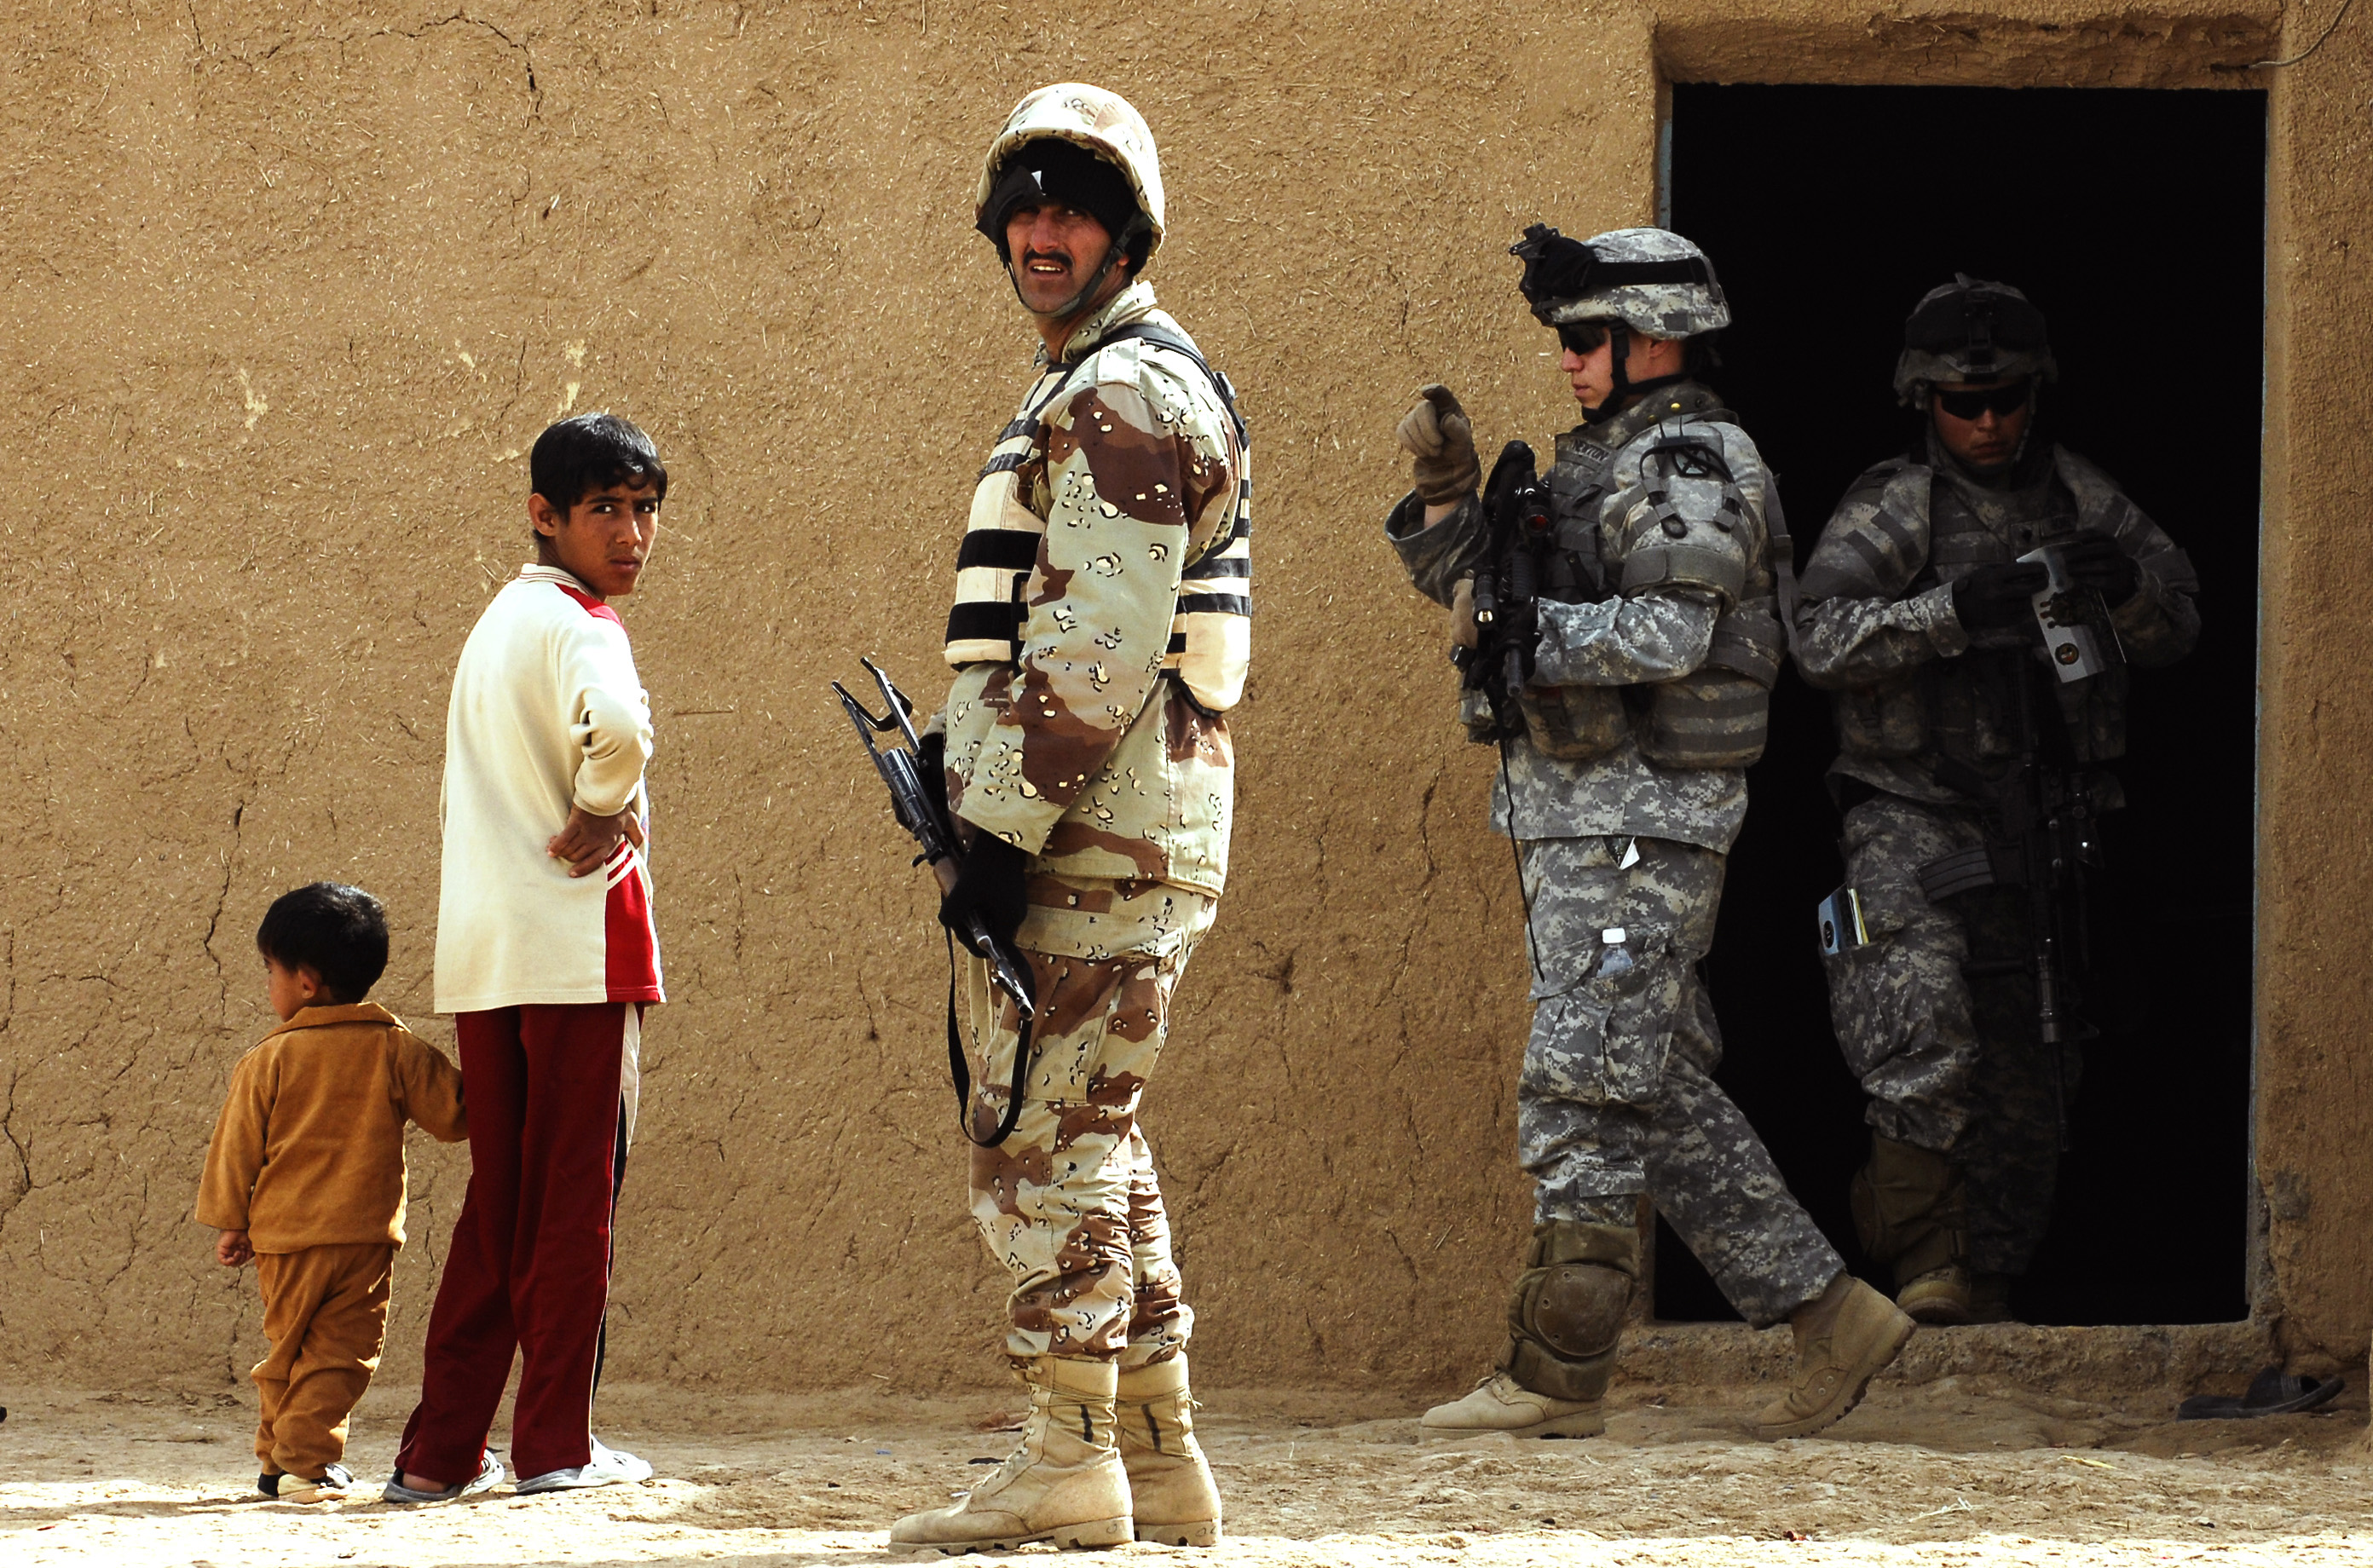 guerra irak i estado unidos: